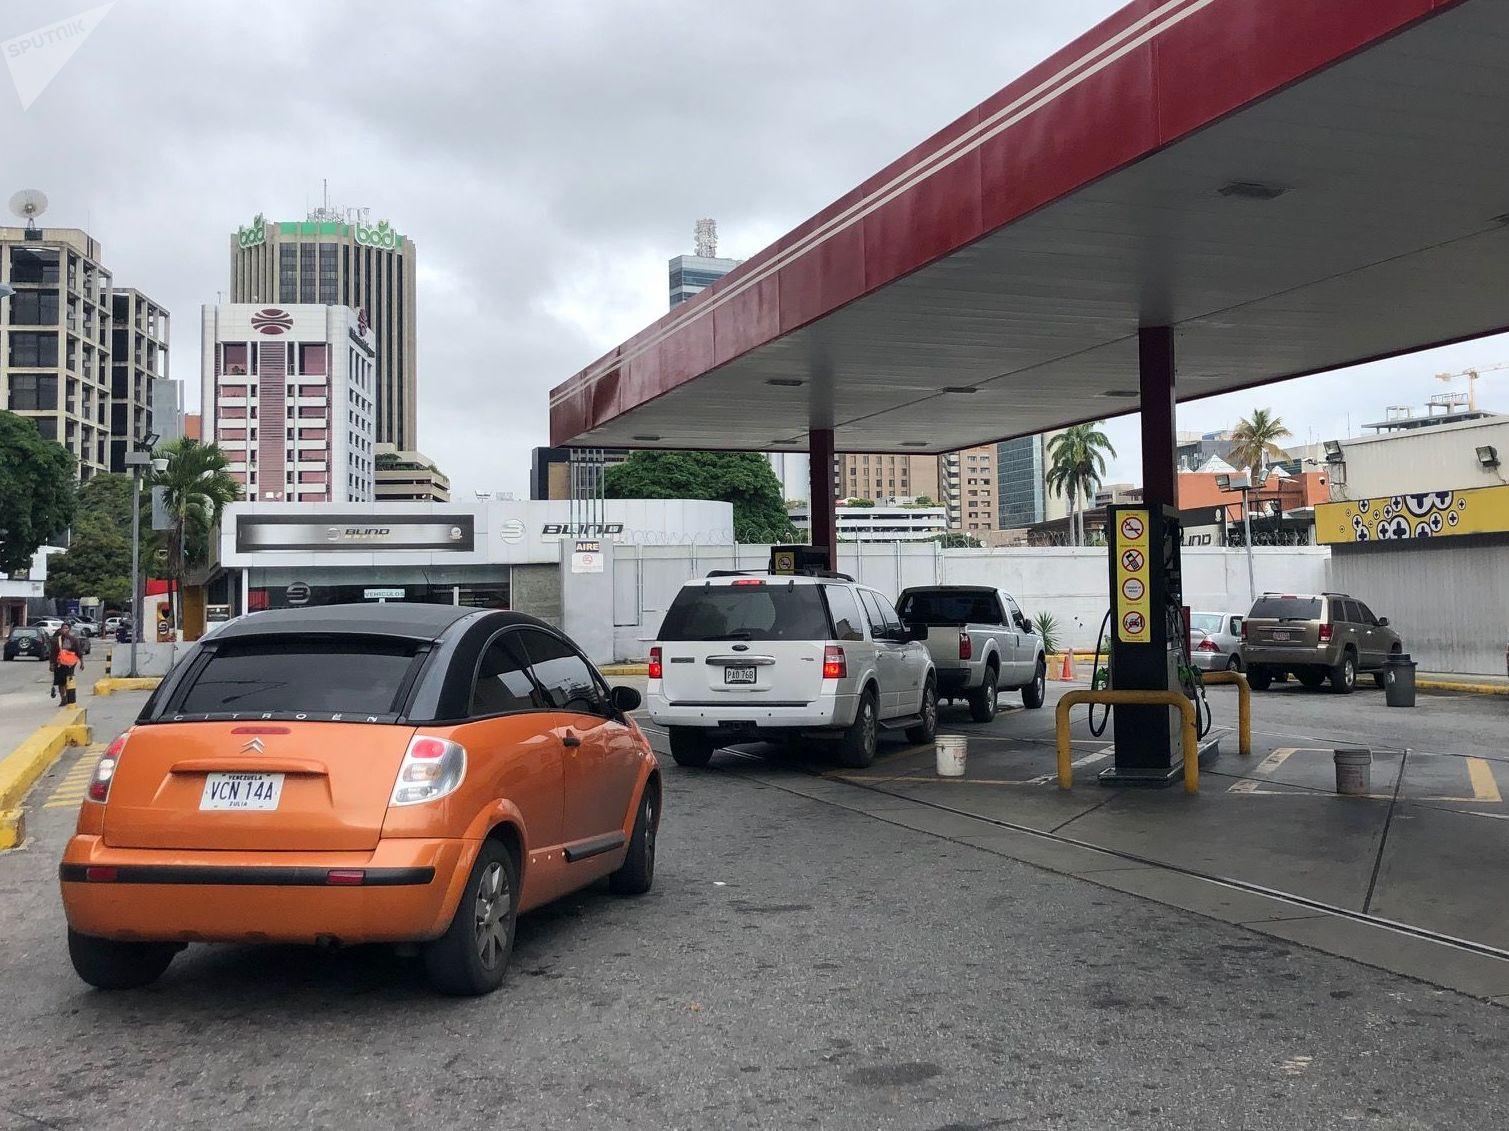 En Caracas no suele haber desabastecimiento de combustible, no se puede decir lo mismo de las regiones fronterizas, donde el contrabando de gasolina —particularmente a Colombia— causa graves perjuicios al interés público